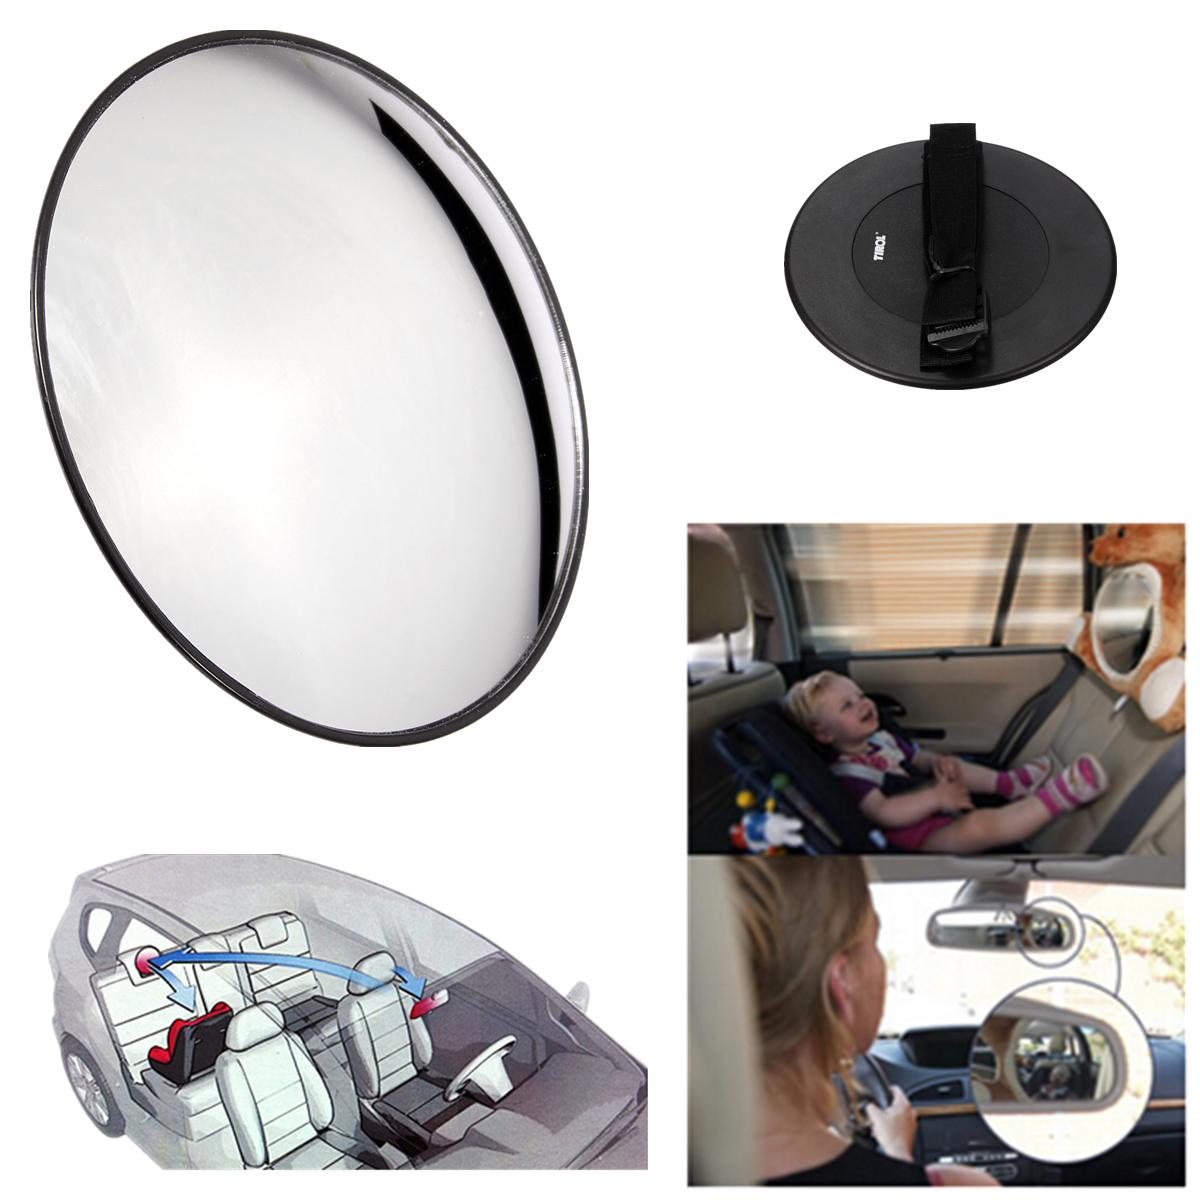 retroviseur miroir si ge r glable surveillance auto voiture bebe enfant s curit ebay. Black Bedroom Furniture Sets. Home Design Ideas